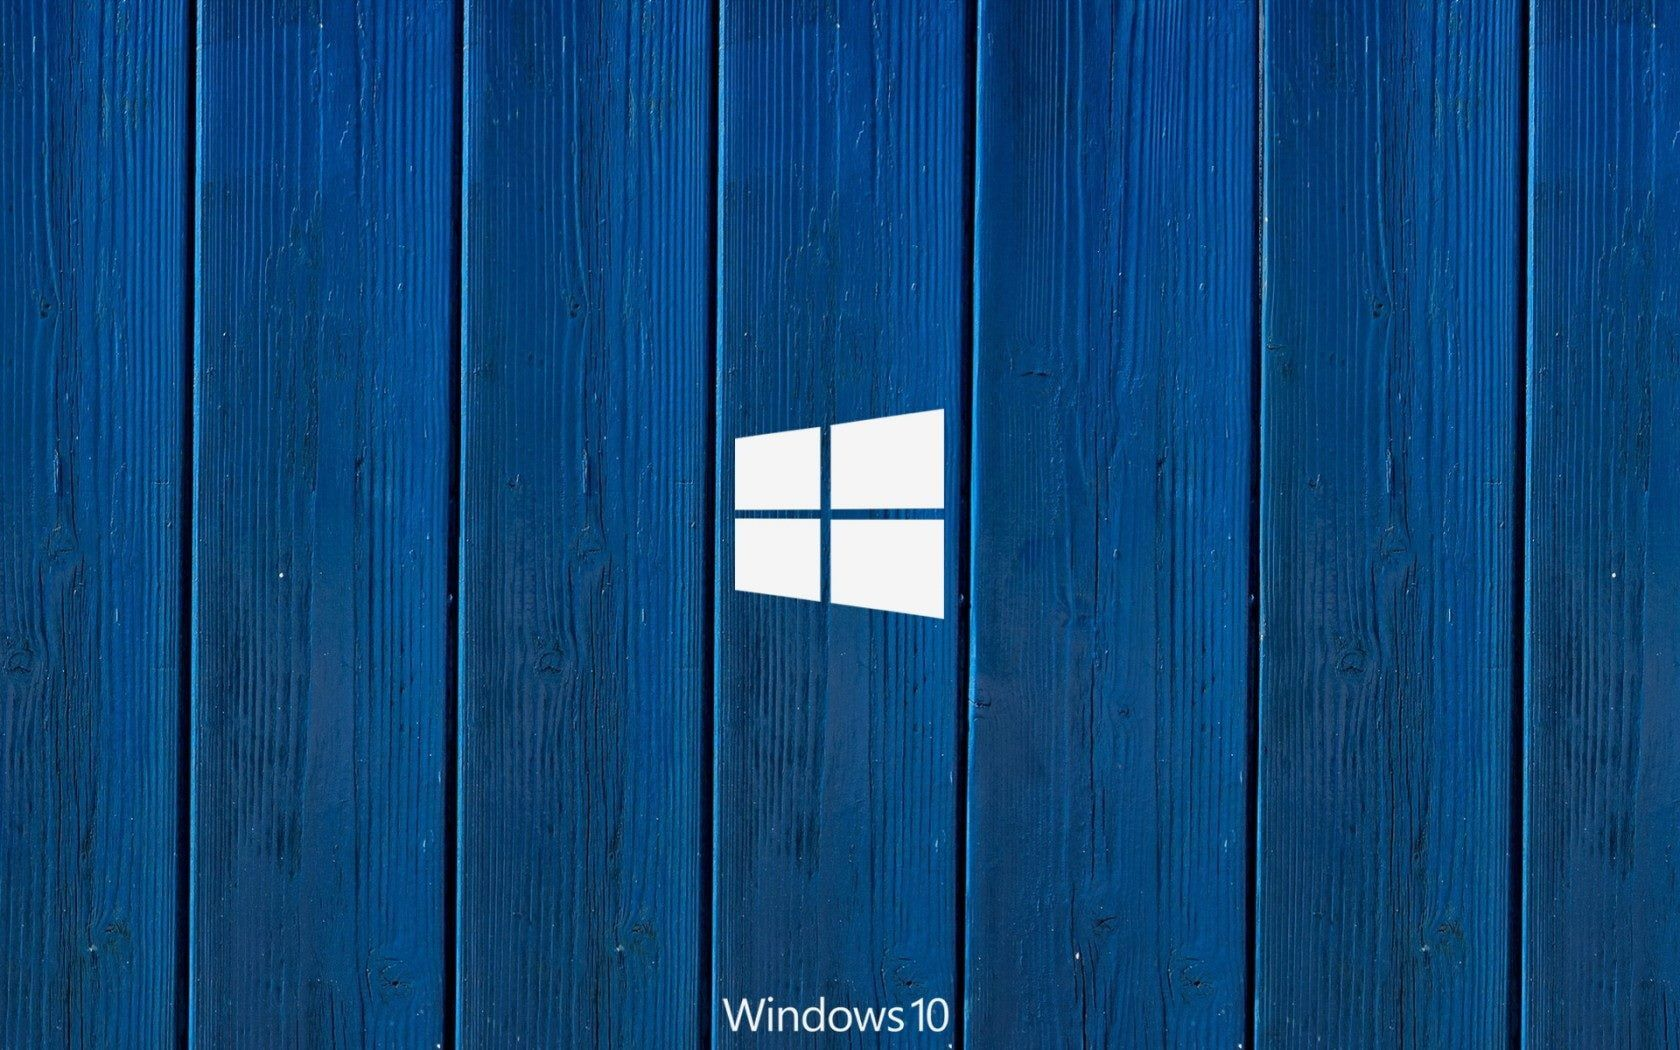 Wood Blue Windows 10 720p Wallpaper Hdwallpaper Desktop Wallpaper Windows 10 Windows Wallpaper Wooden Textures